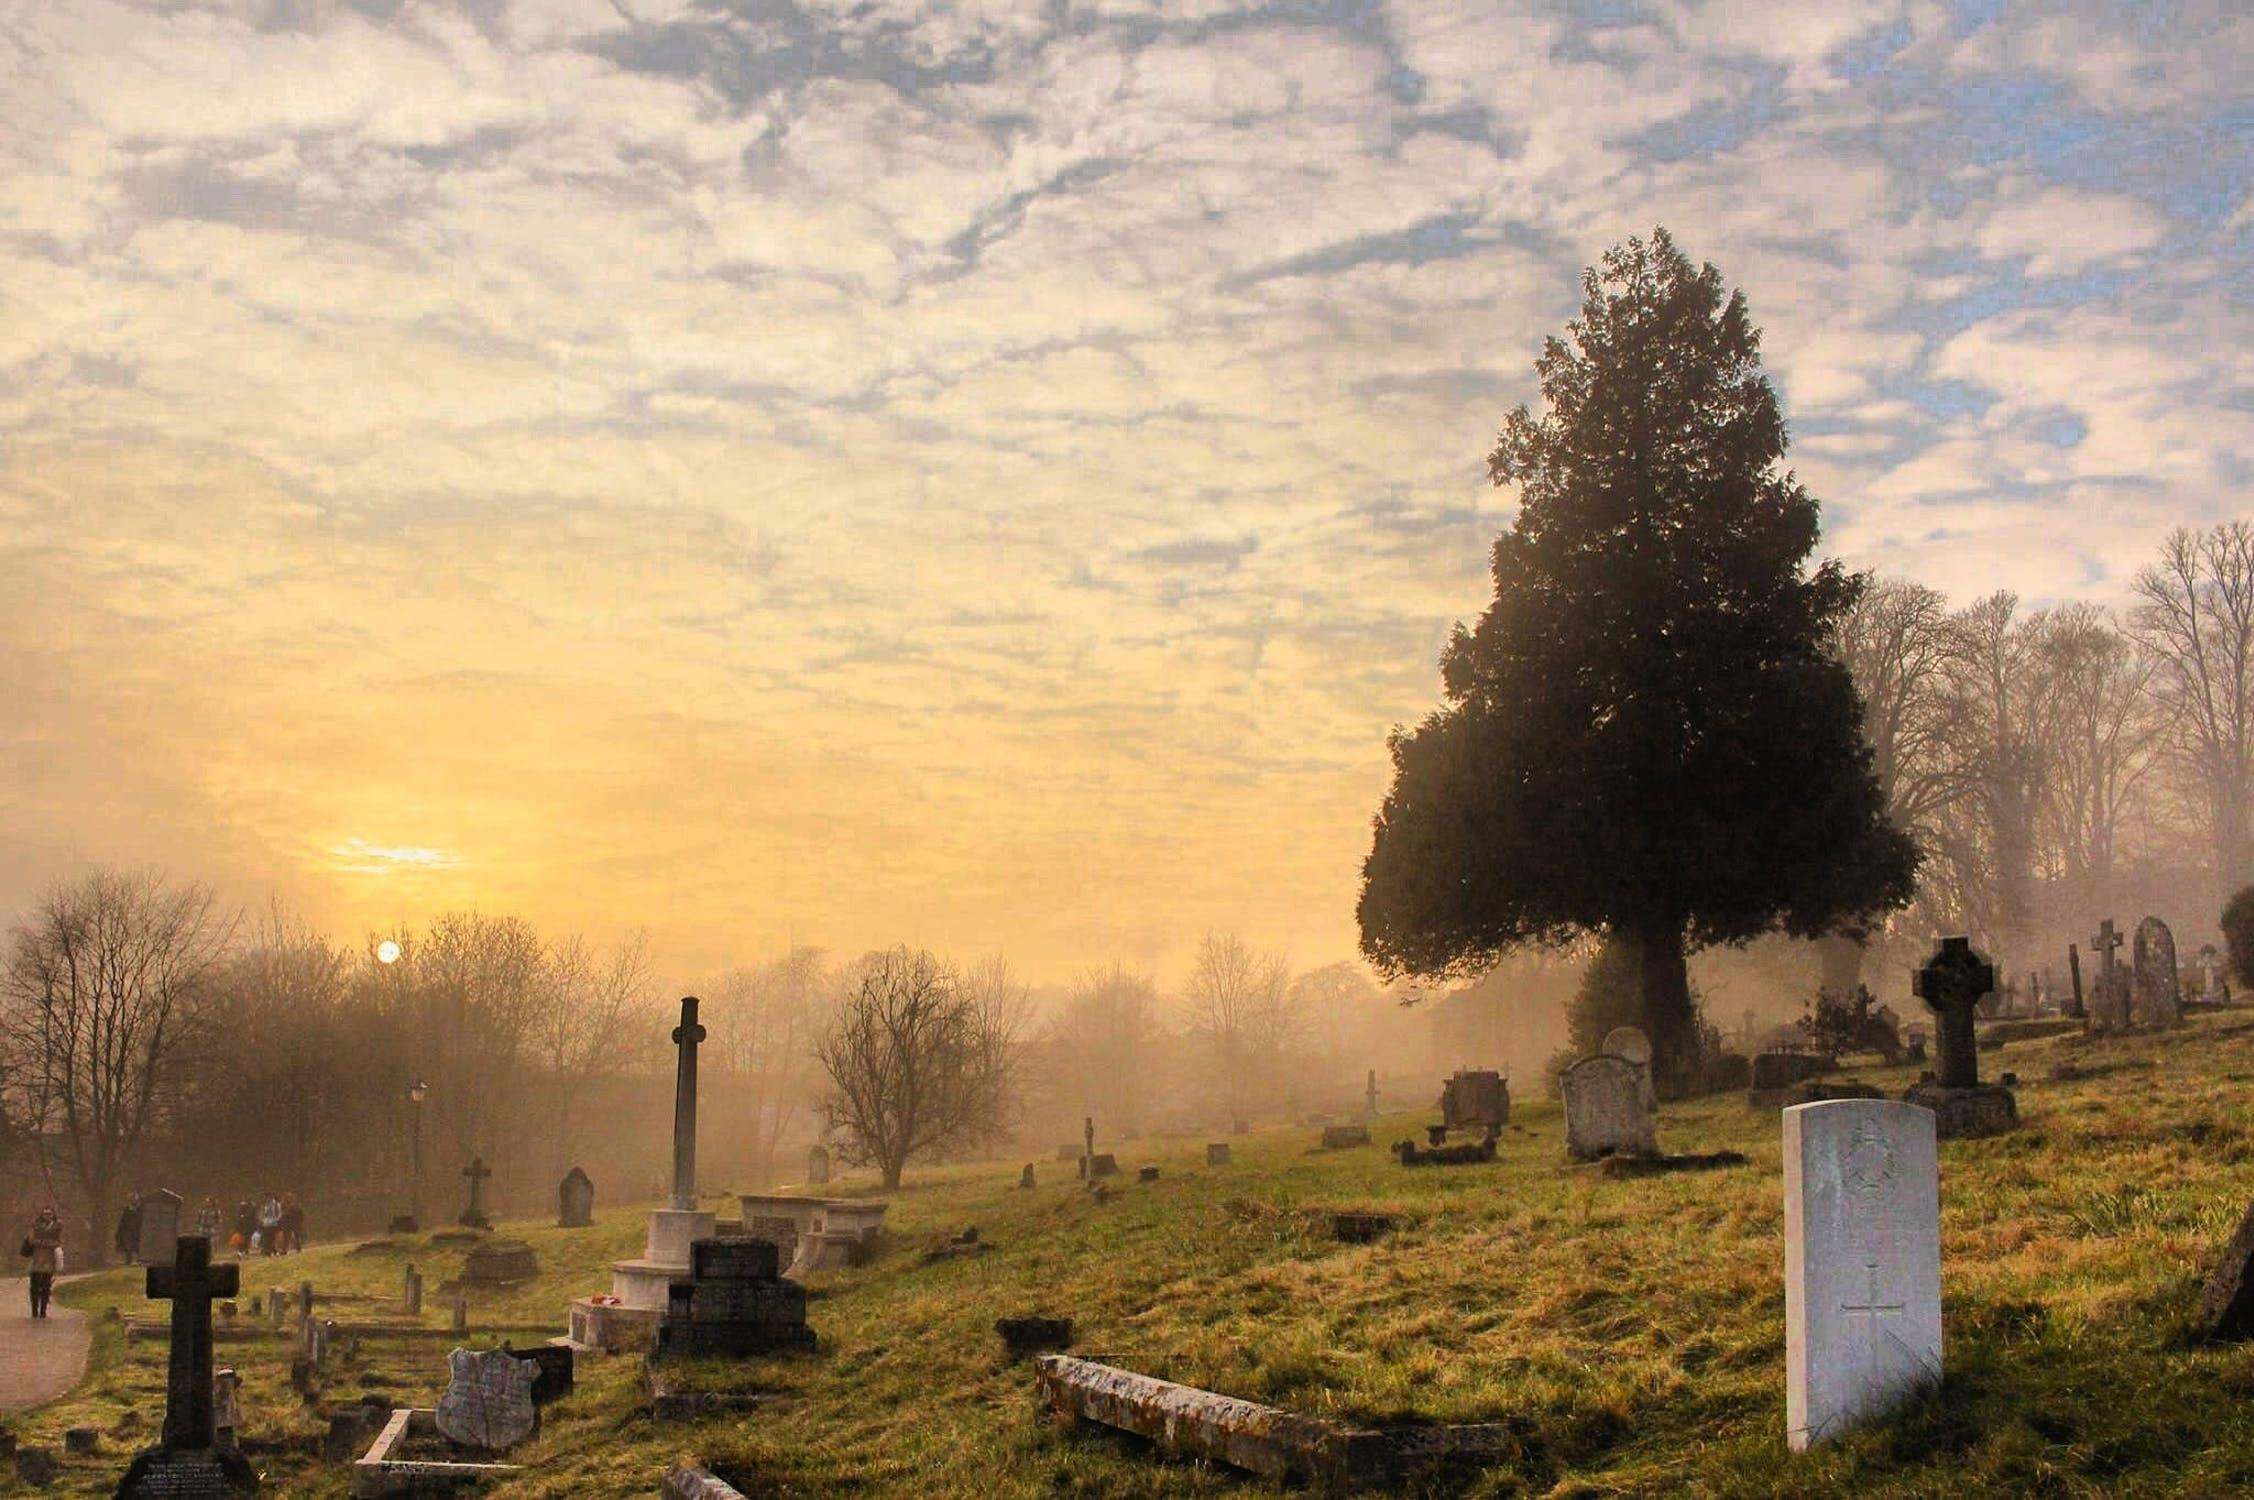 Prekliatie cintorínu Pri čiernej nádeji 1. časť